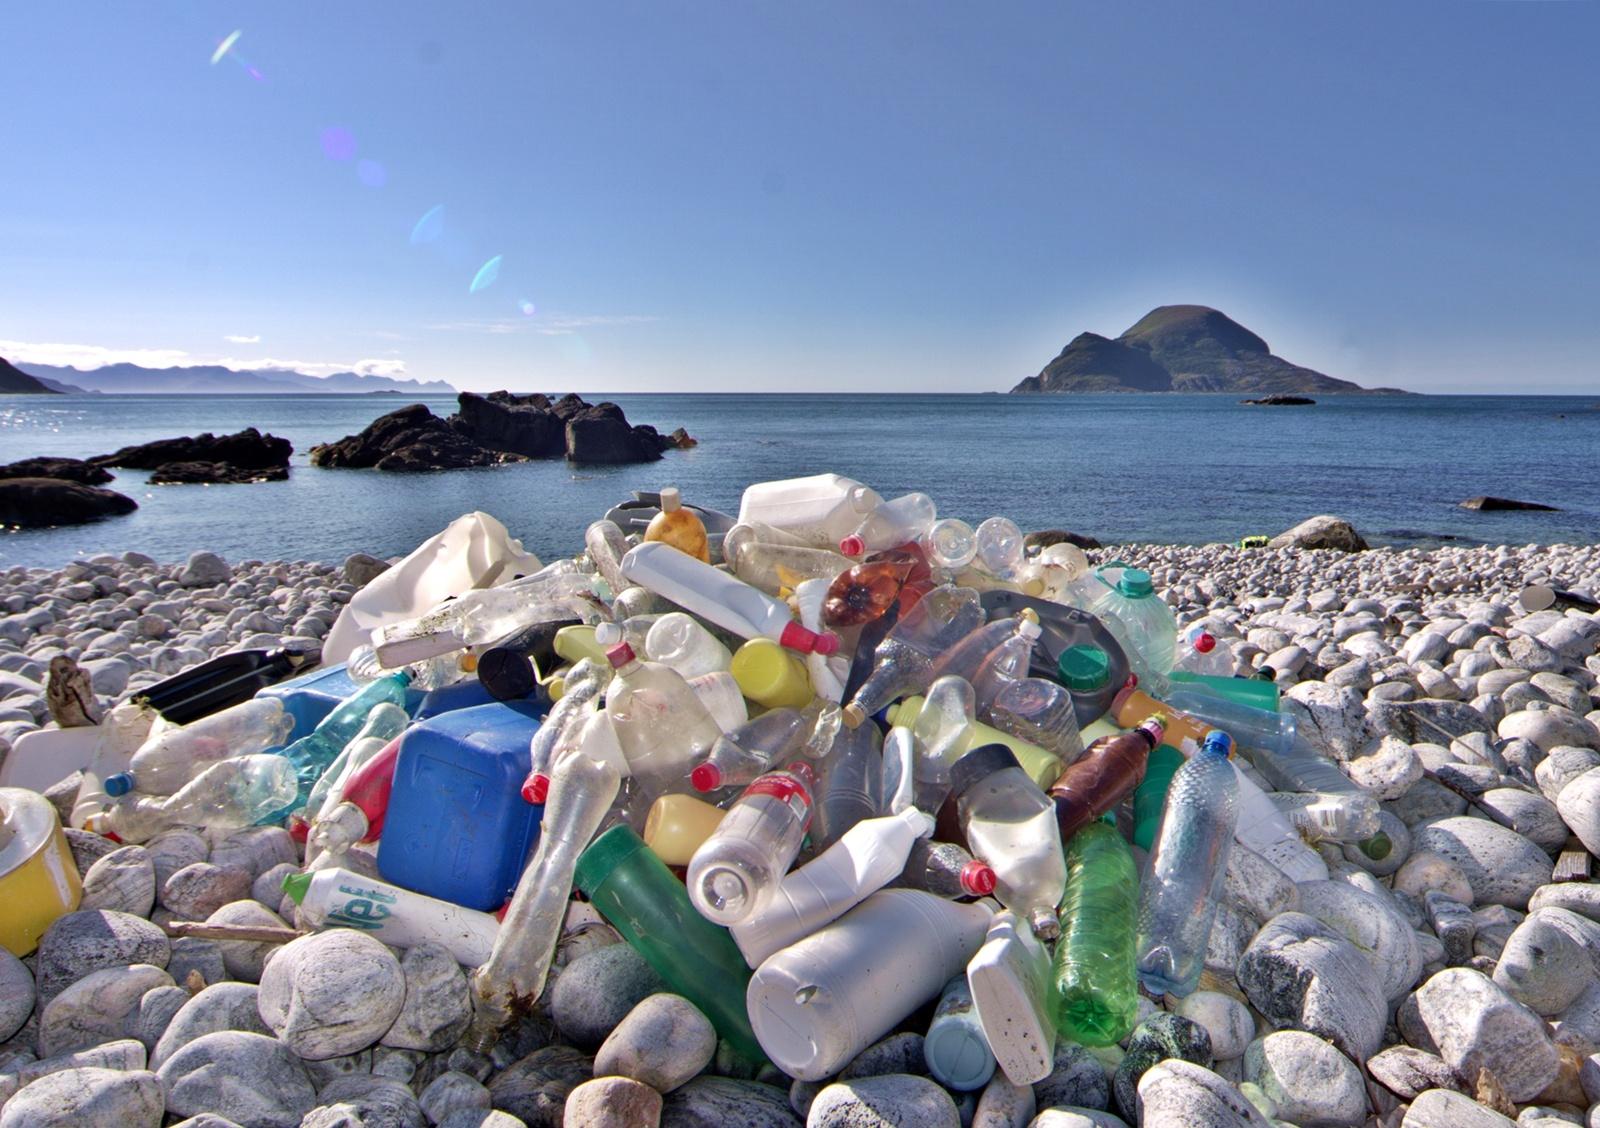 Bo Eide - Pile of rubbish